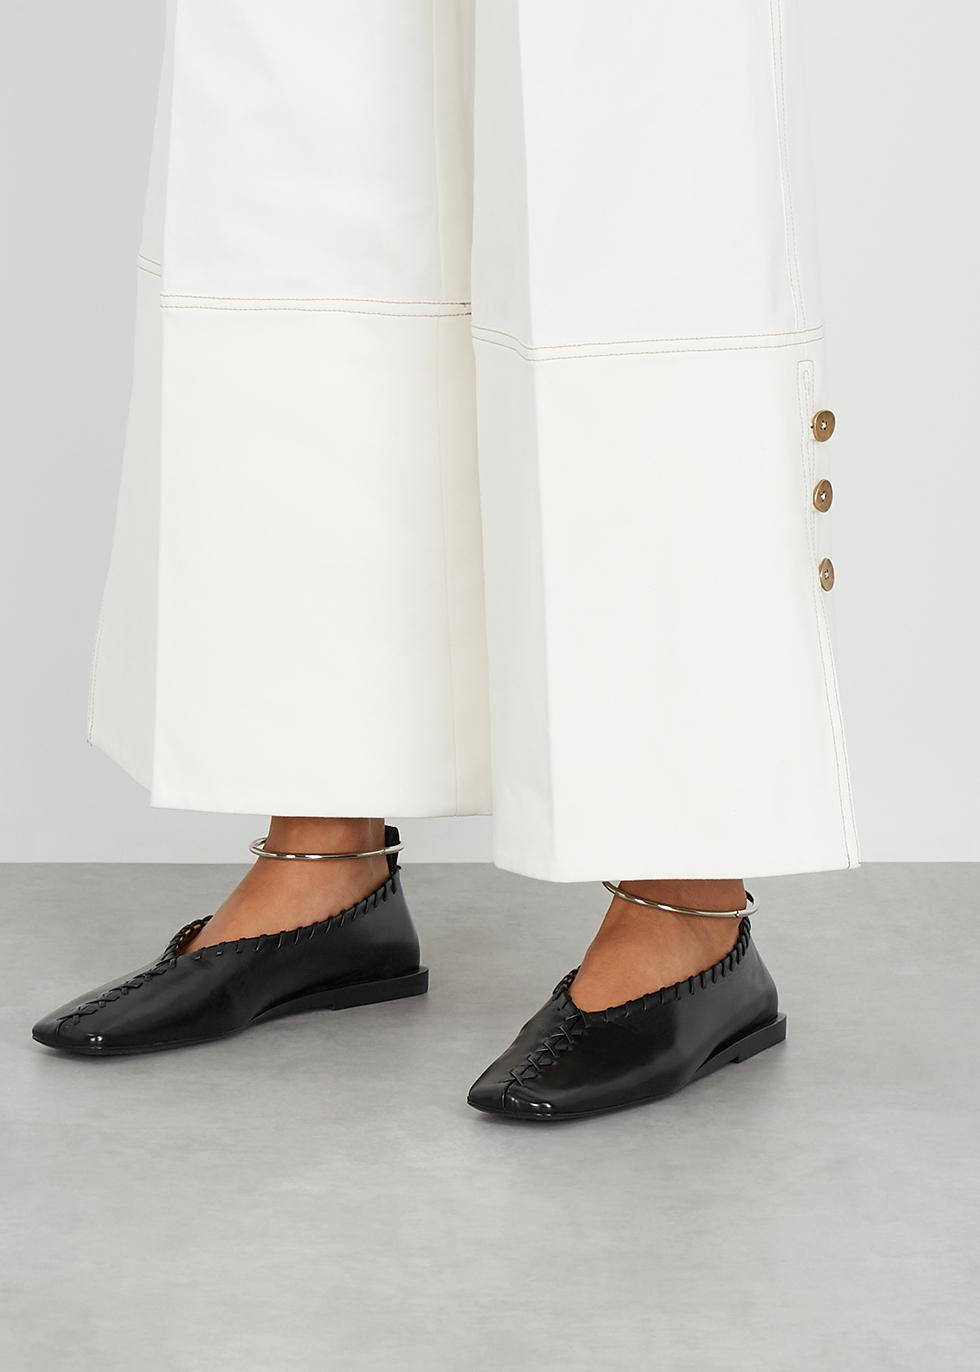 Jil Sander Black whipstitched leather